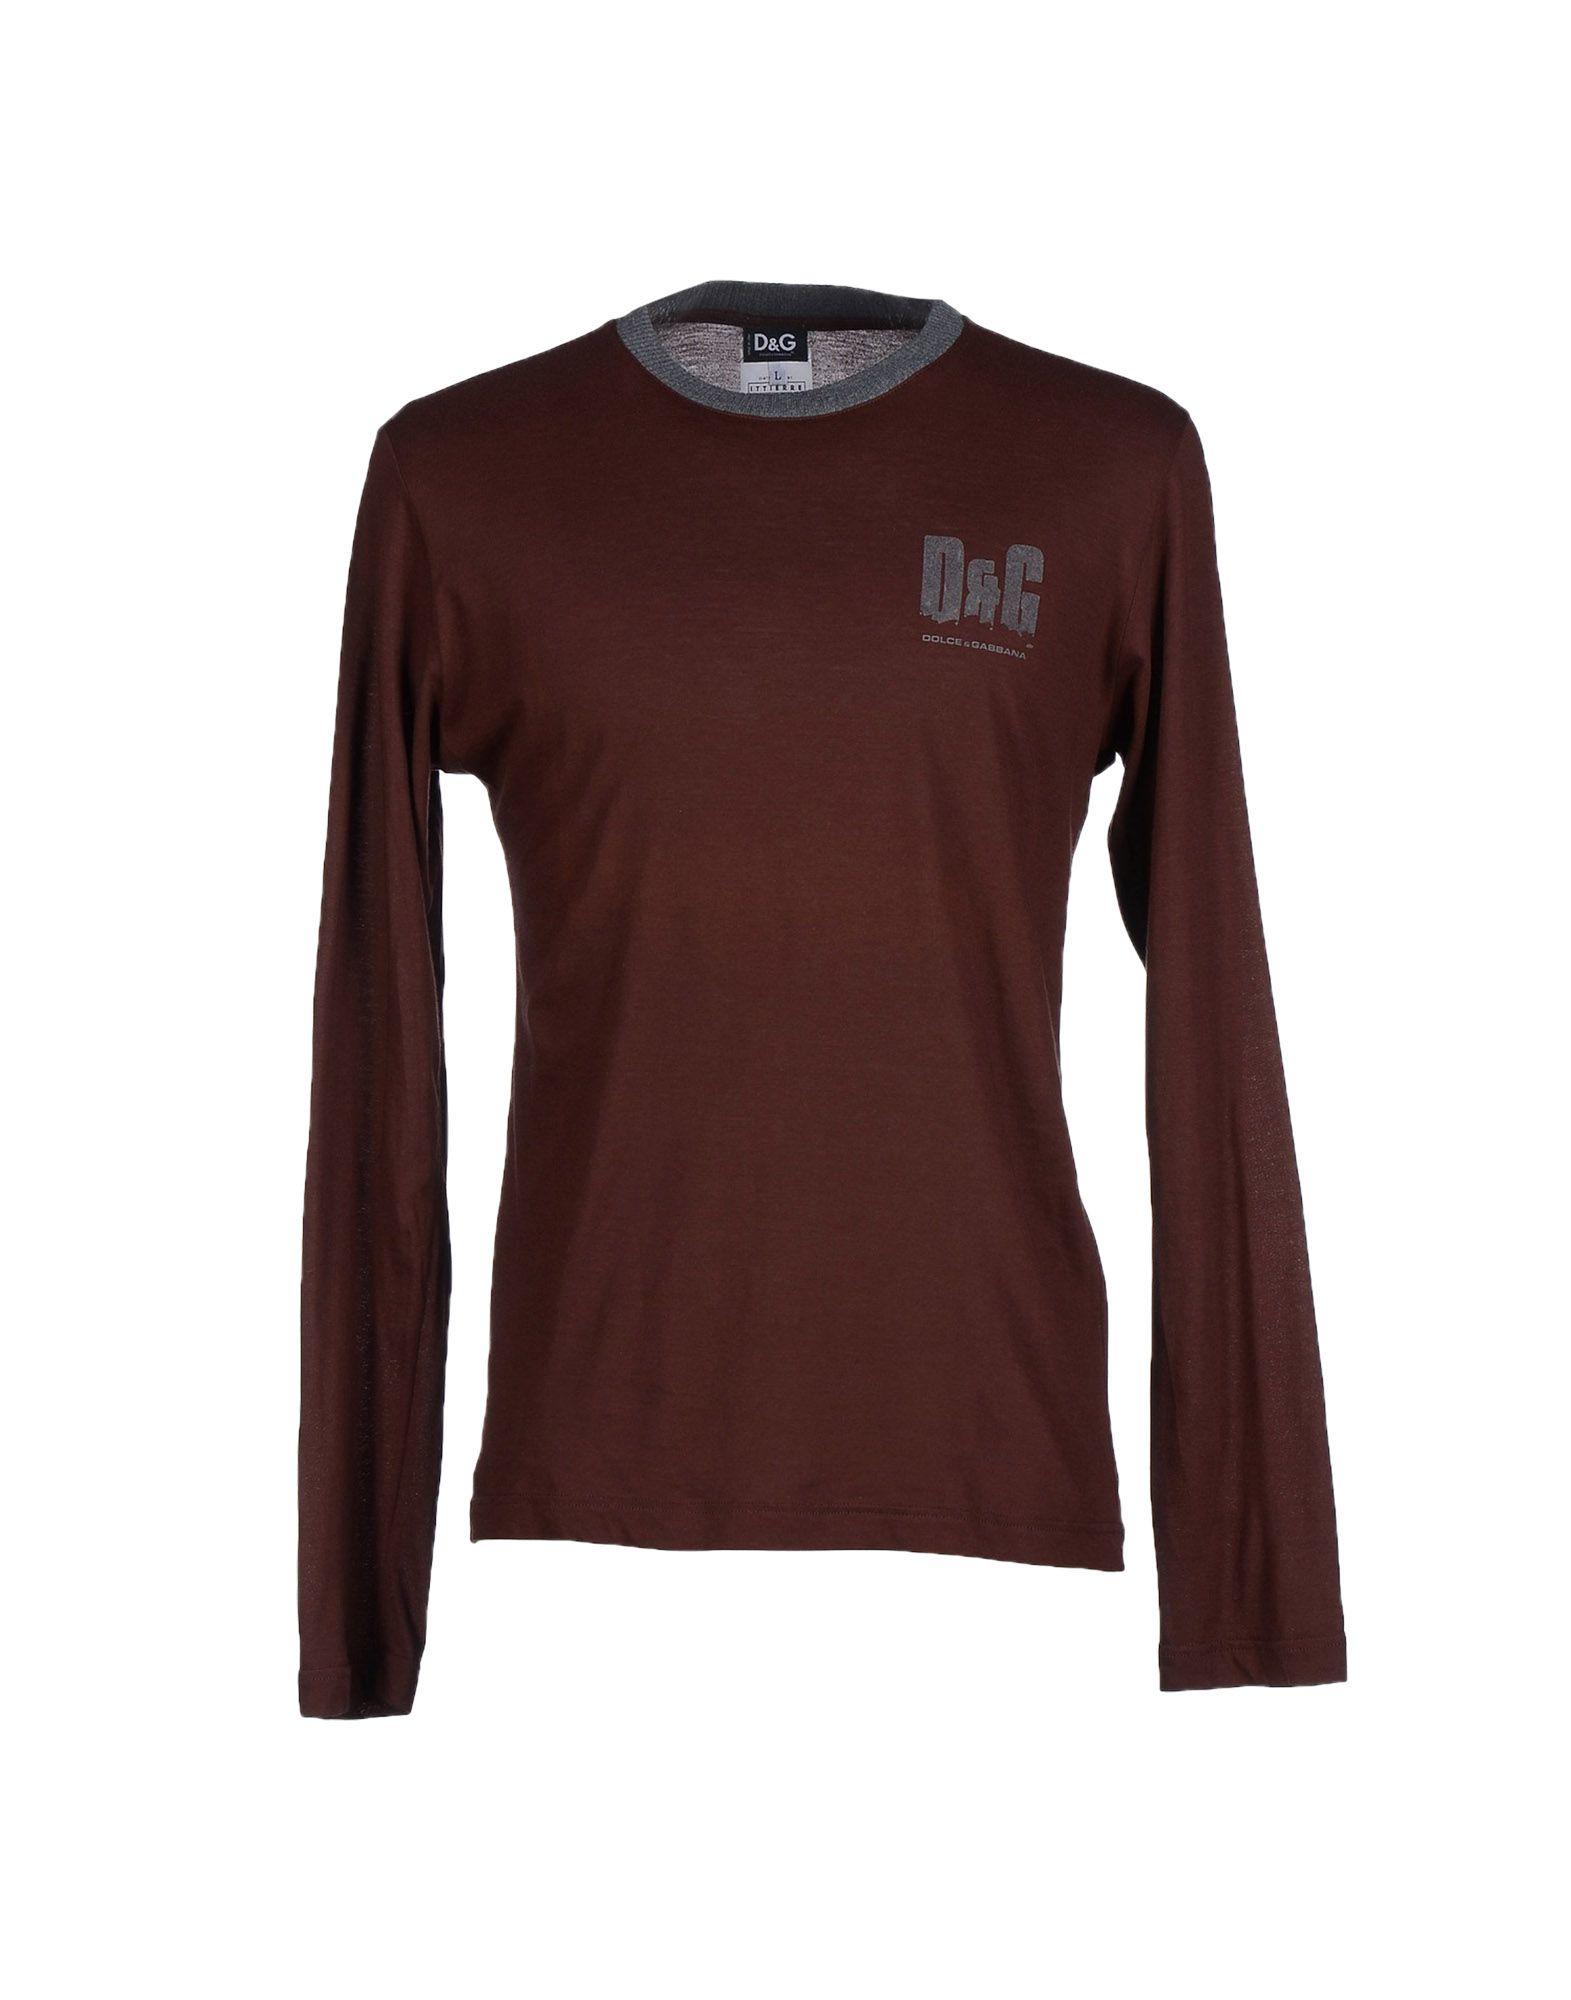 dolce gabbana t shirt in brown for men lyst. Black Bedroom Furniture Sets. Home Design Ideas